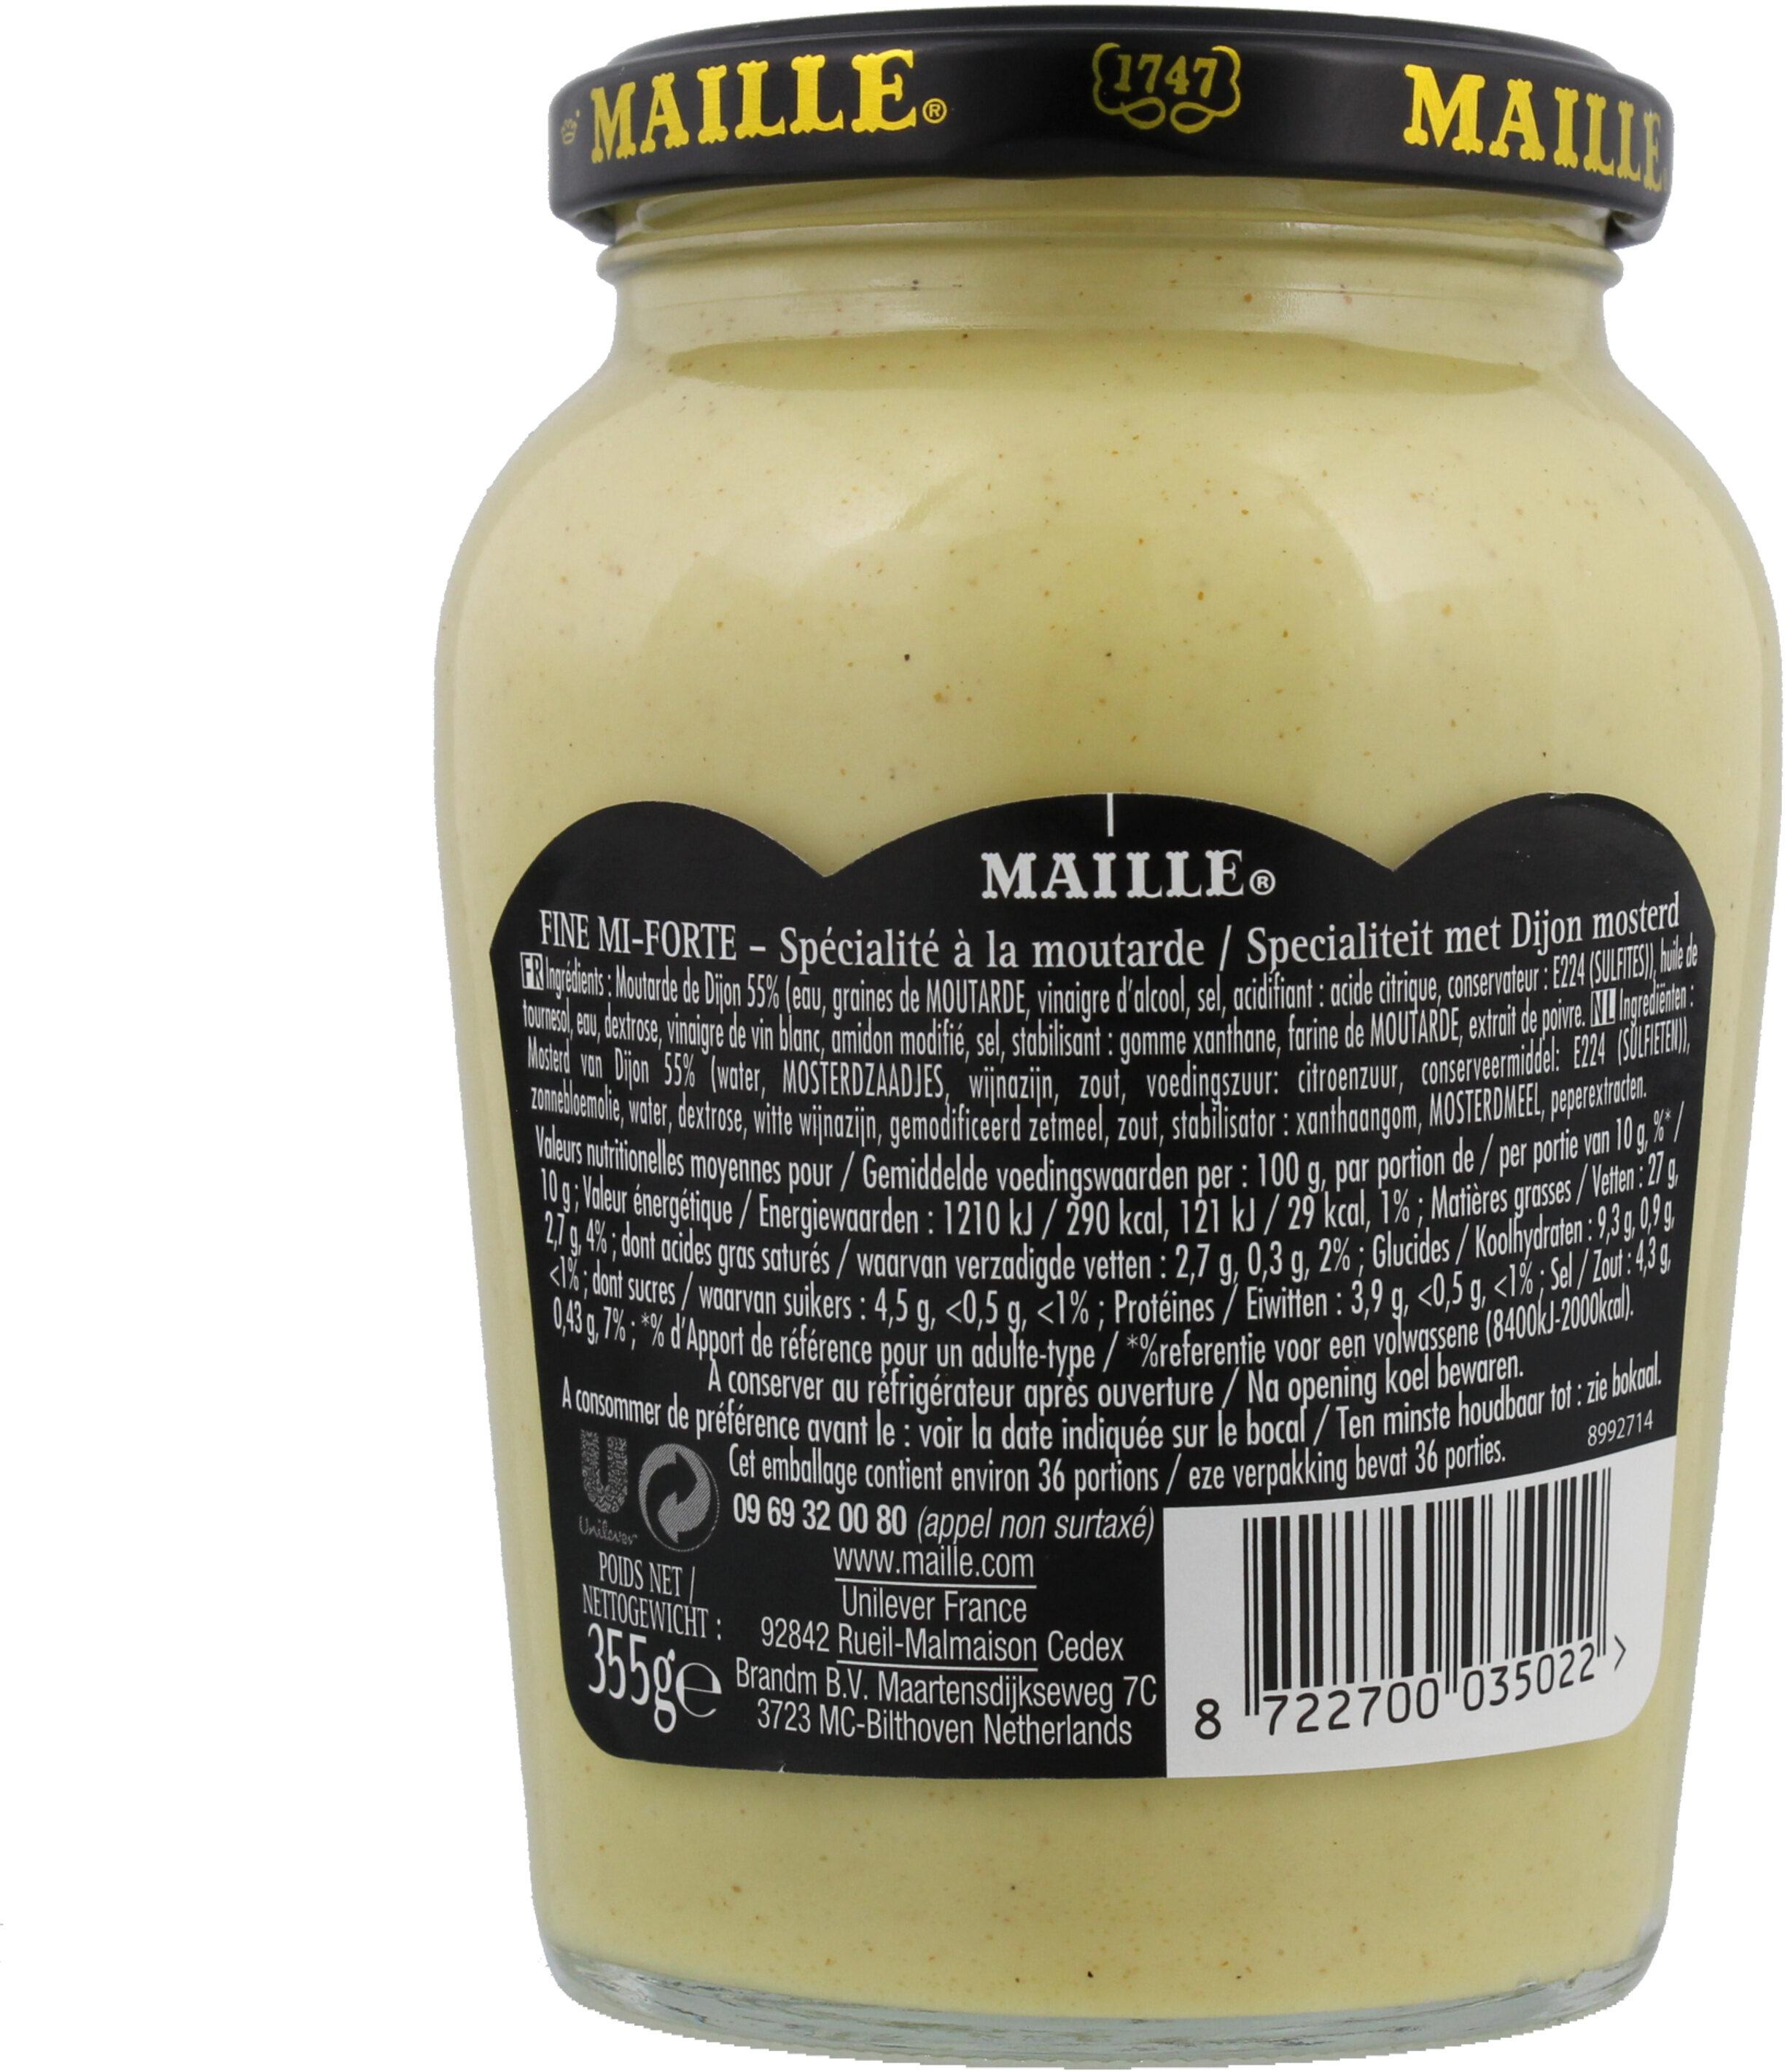 Maille Spécialité Moutarde Fine Mi-Forte Bocal 355g - Informations nutritionnelles - fr